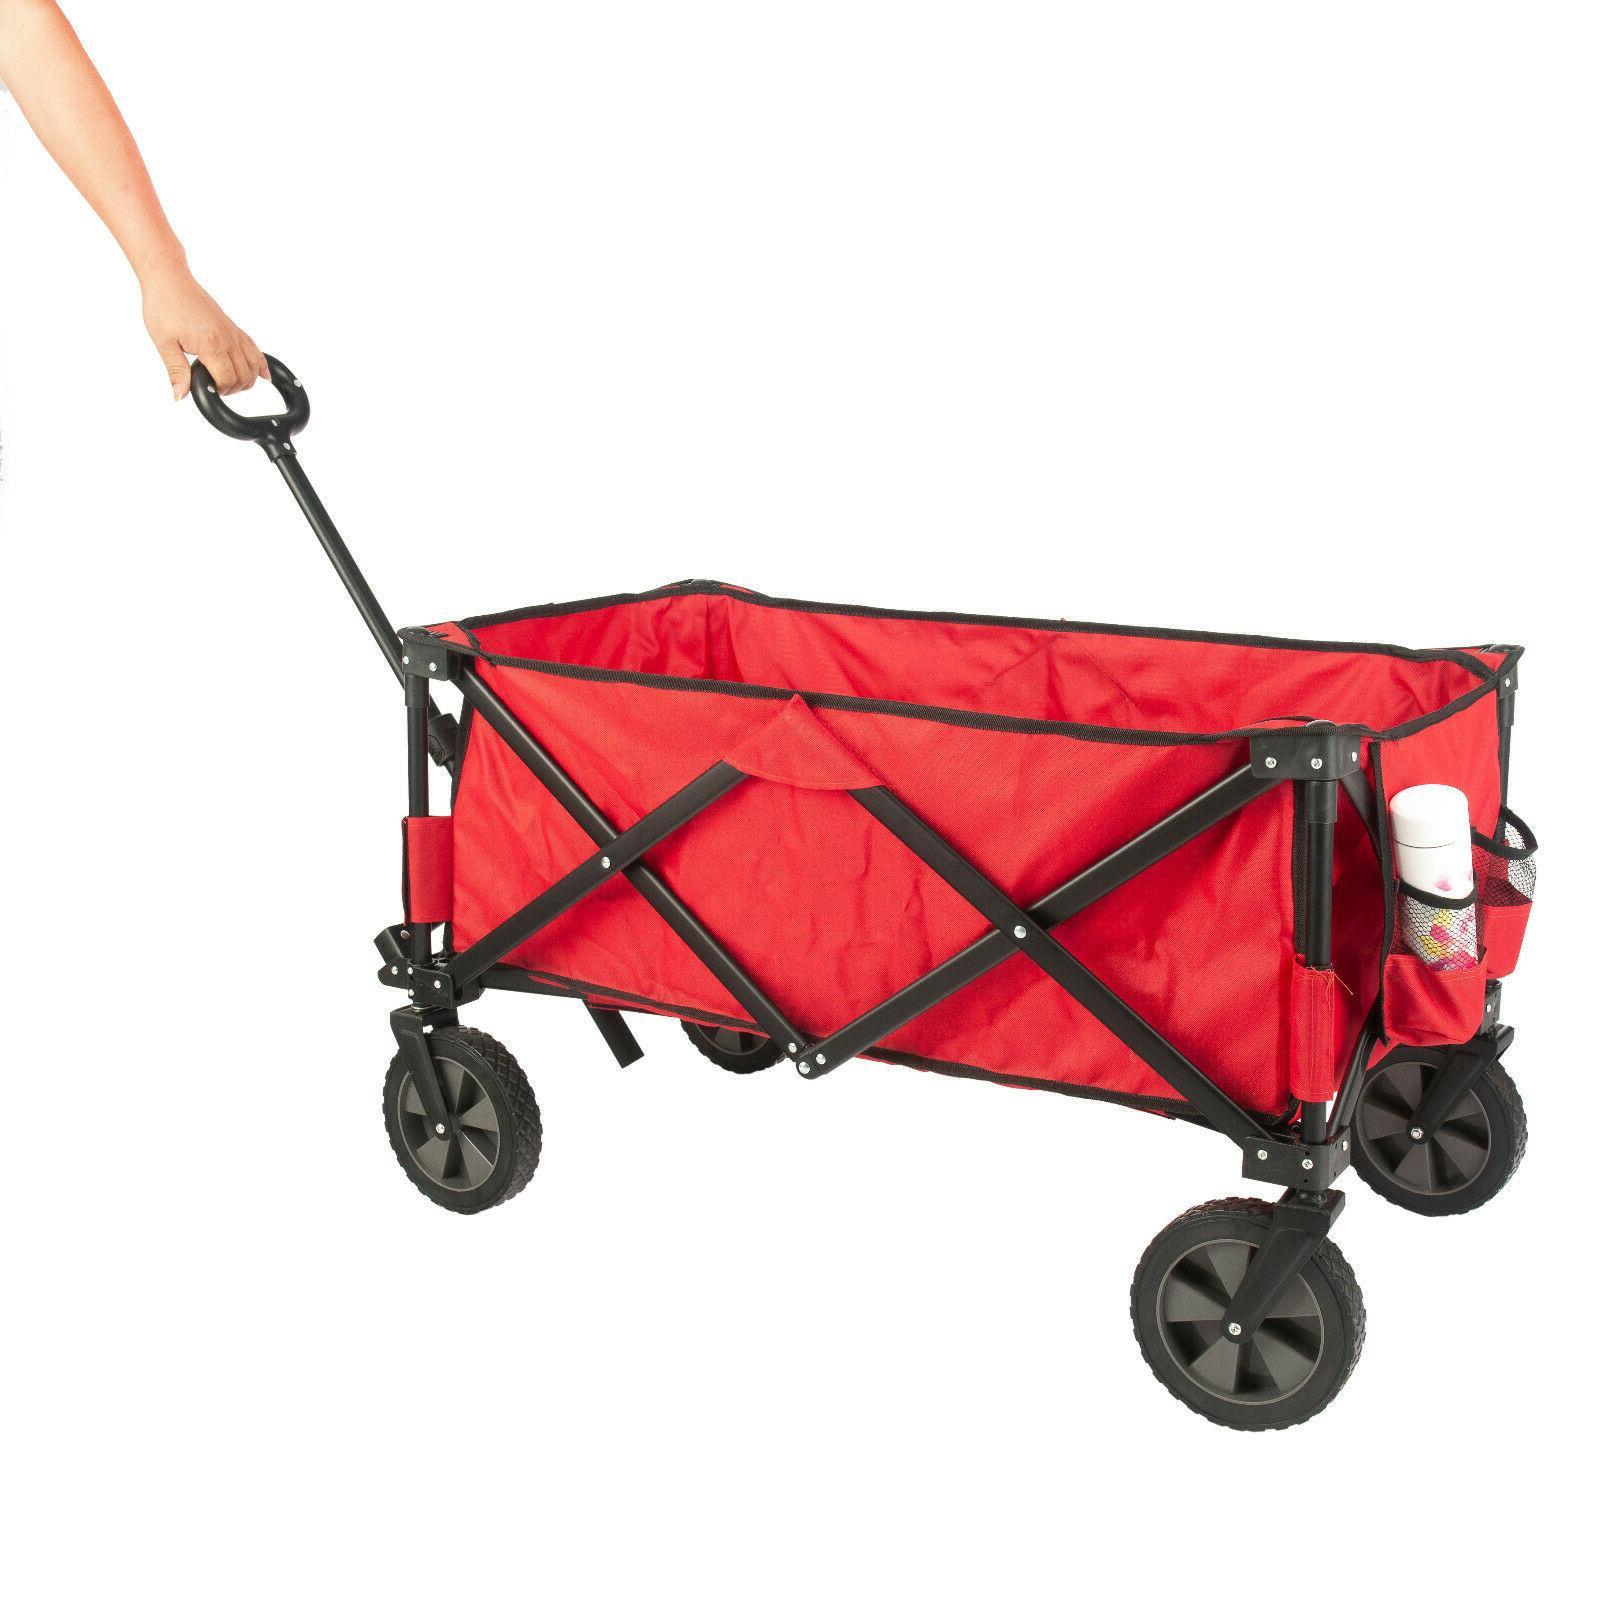 Folding Carts Wagon Cart Cart Outdoor Heavy Duty